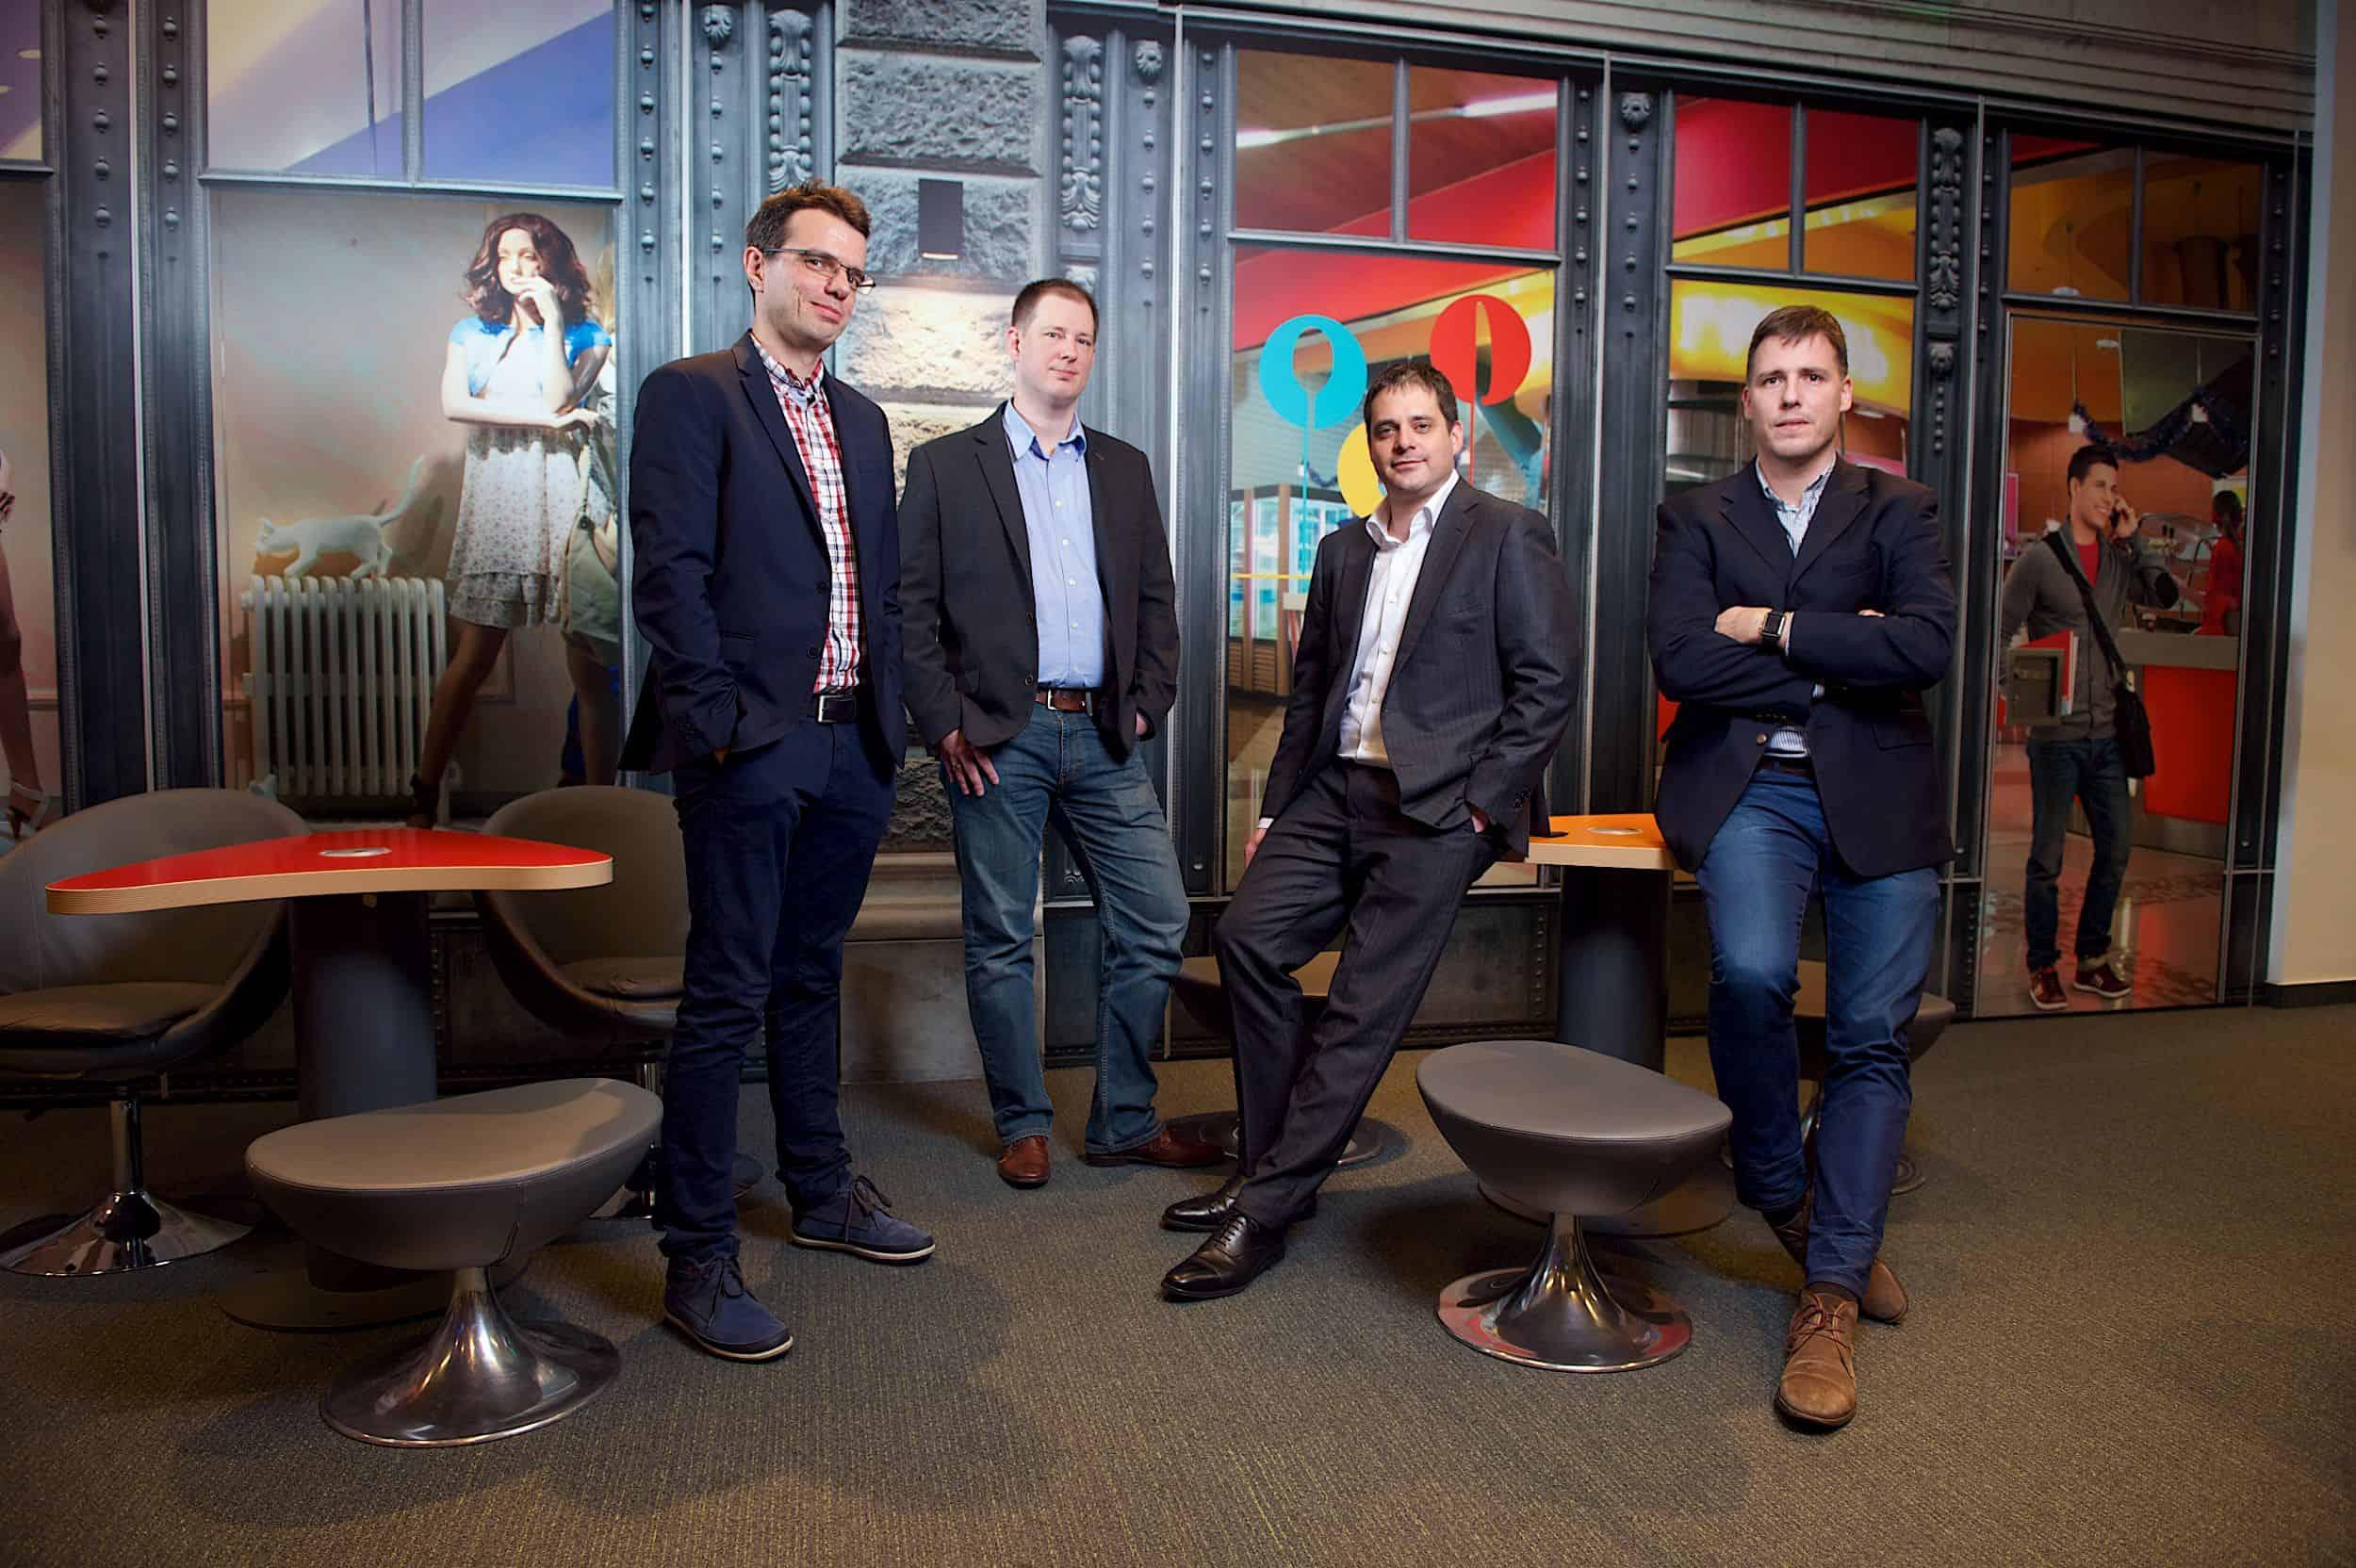 38 millió forint összdíjazású Digitális Ötletpályázatot hirdet az OTP Fáy András Alapítvány